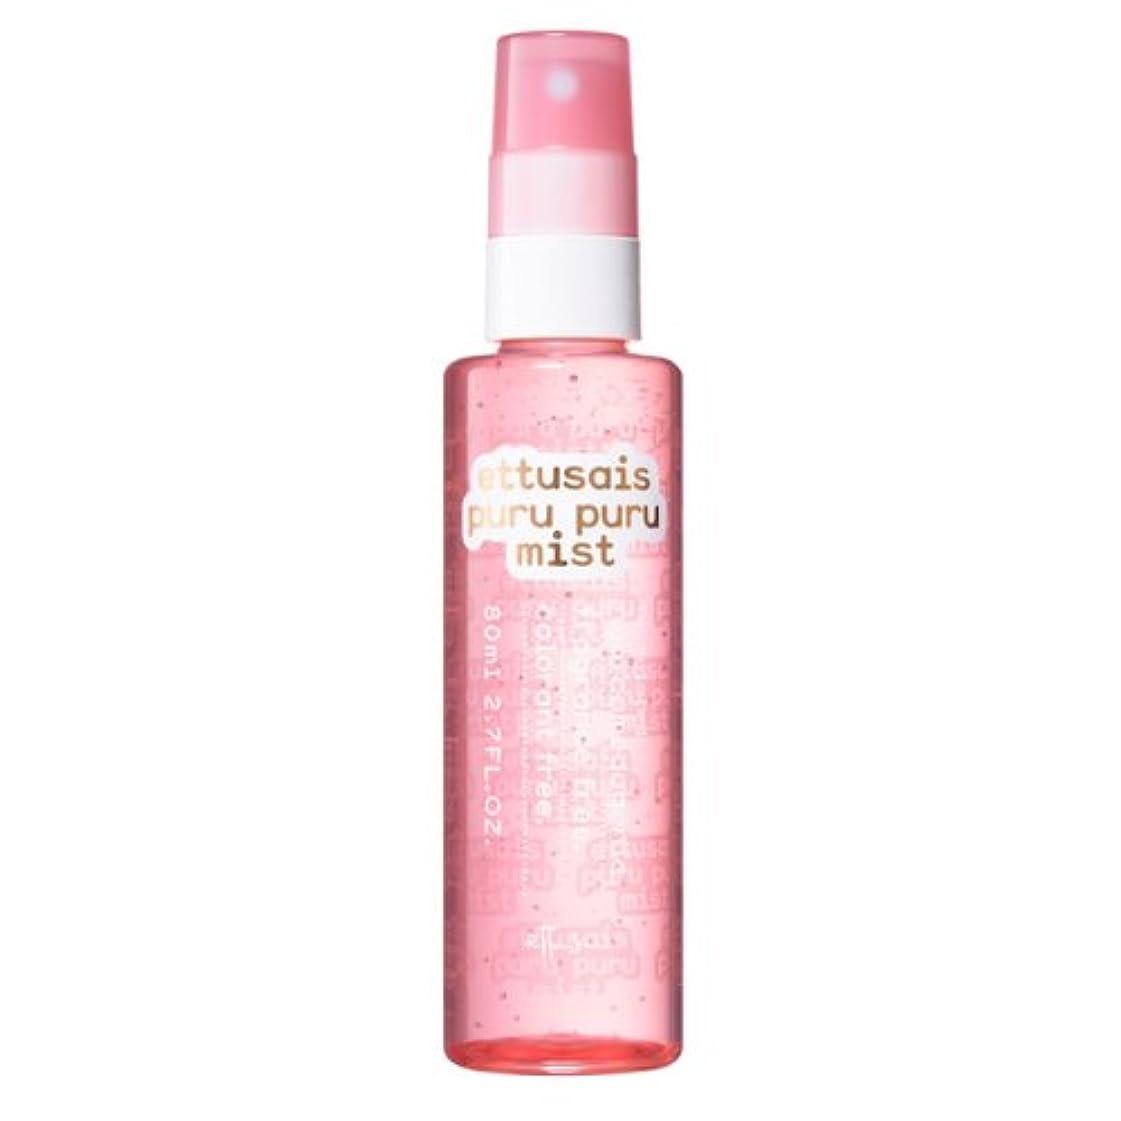 染色恐れるはっきりとエテュセ ぷるぷるジェリーミスト ジェリー状美容液 やわらかに香るローズの香り 80ml